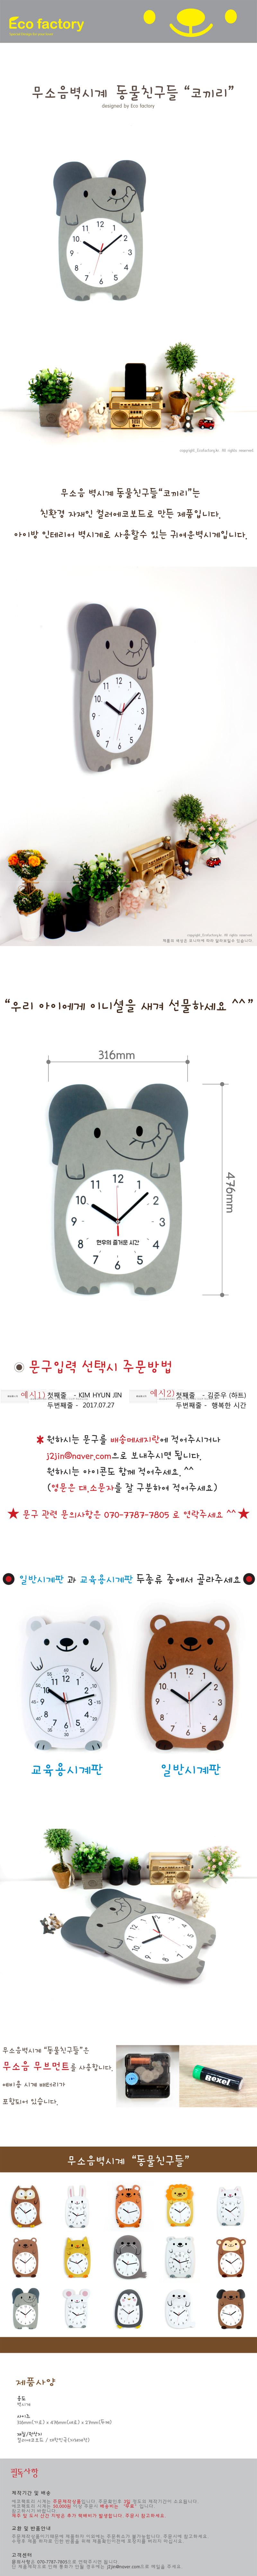 무소음 아이방 벽시계 동물친구들 - 코끼리 - 에코 팩토리, 29,600원, 벽시계, 우드벽시계